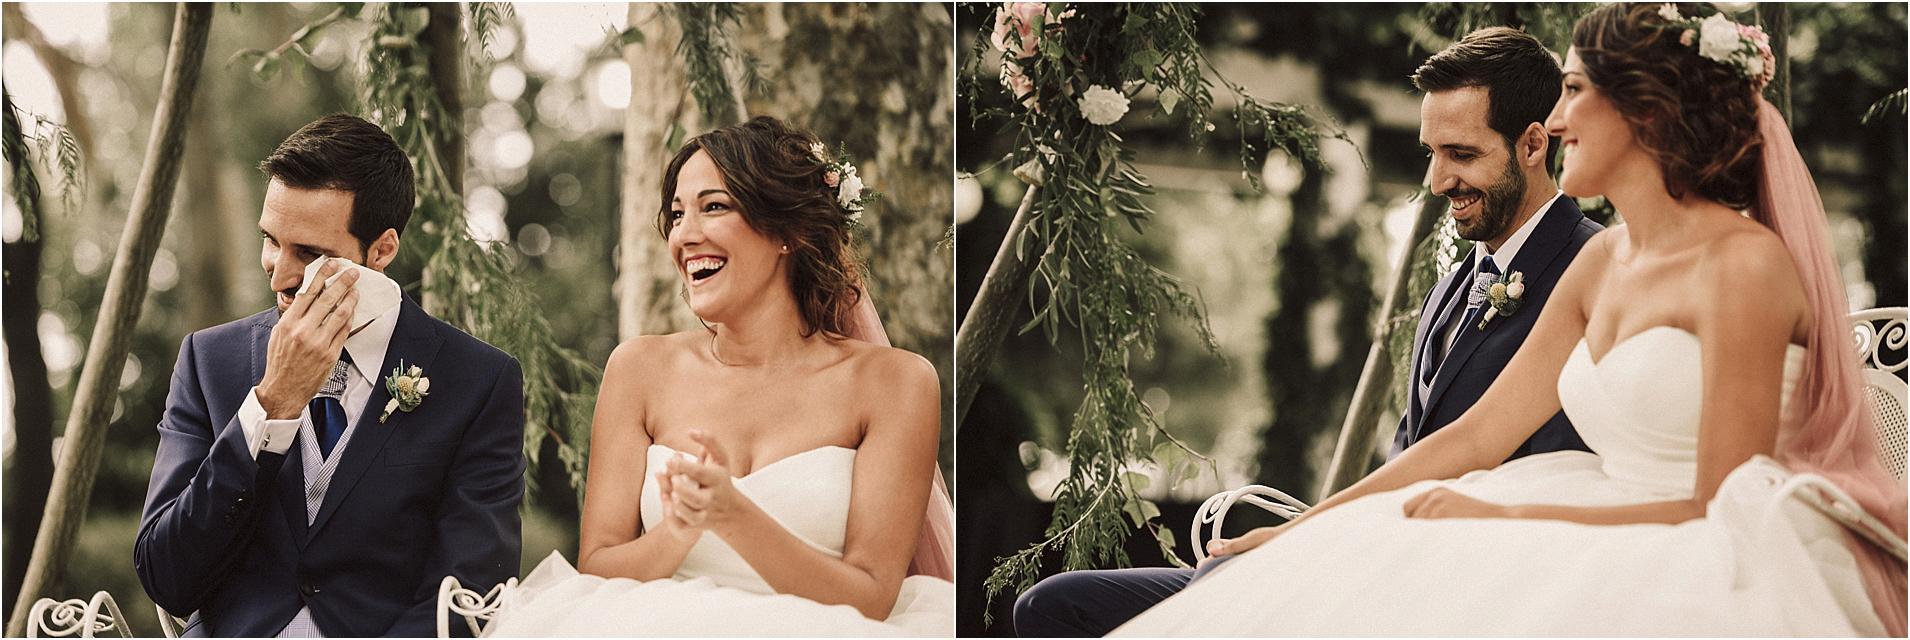 Fotografos-de-boda-donostia-zaragoza-san-sebastian-destination-wedding-photographer-50.jpg